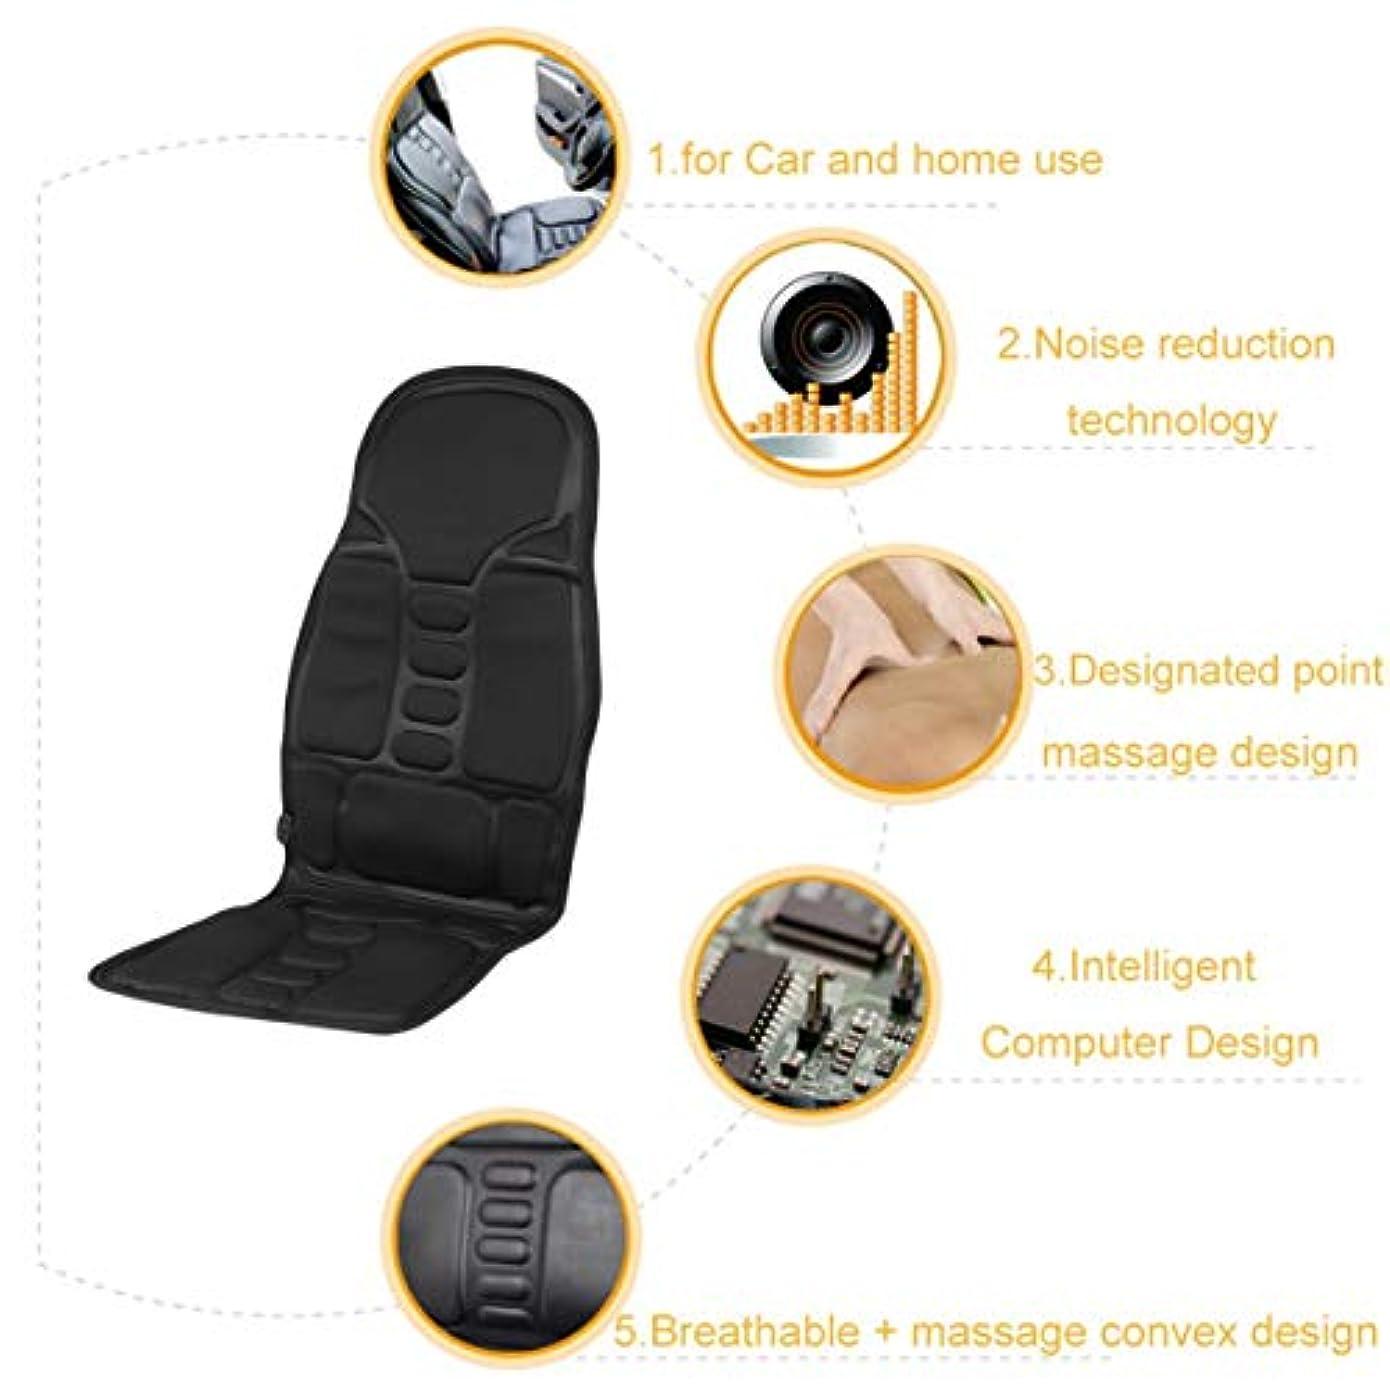 ペストリーハーブ粗いProfessional Car Household Office Full Body Massage Cushion Lumbar Heat Vibration Neck Back Massage Cushion Seat